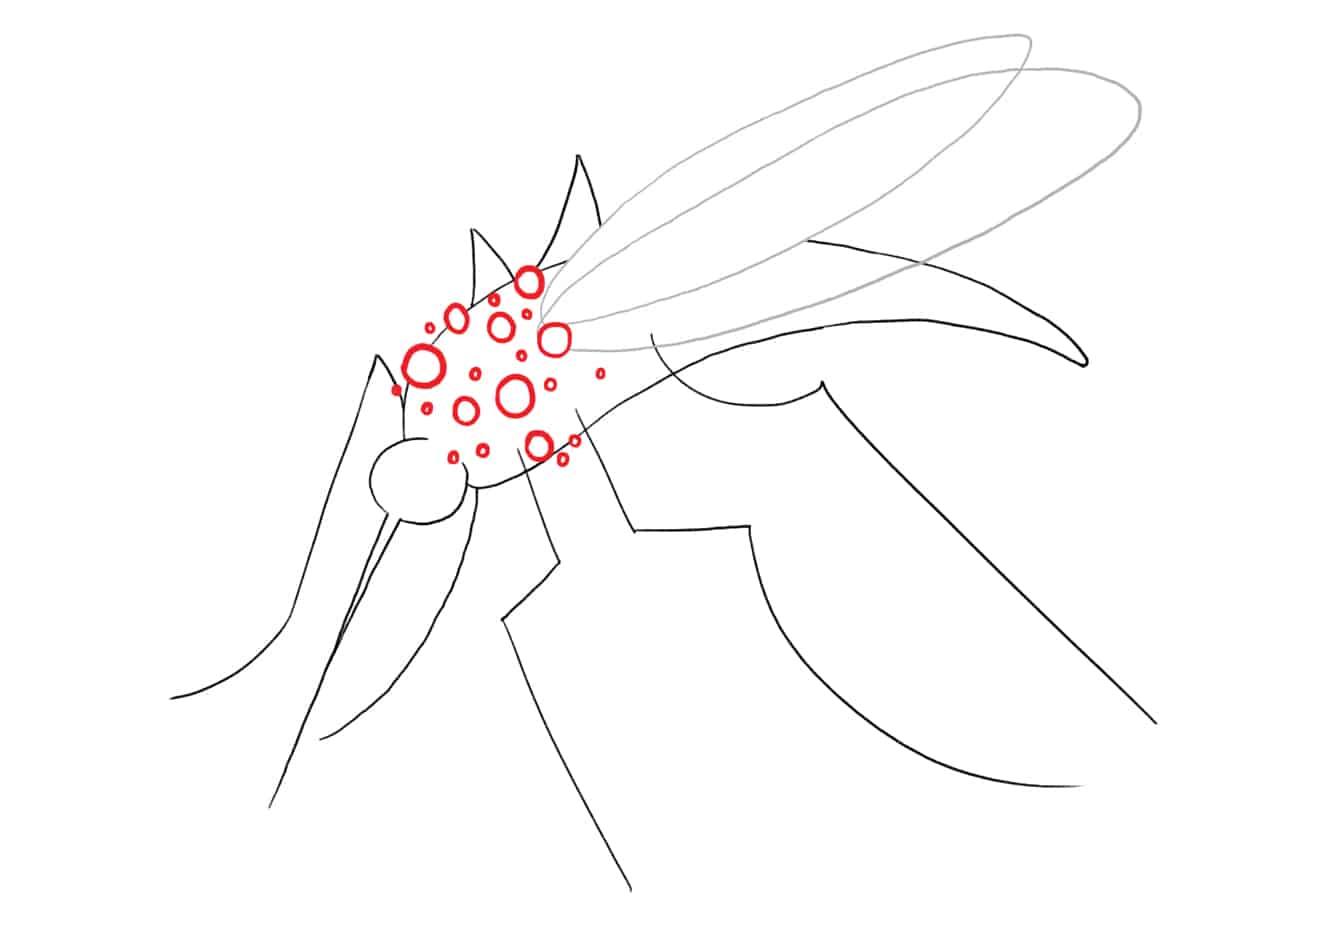 Chikungunya - transmissão, sintomas, tratamento e prevenção